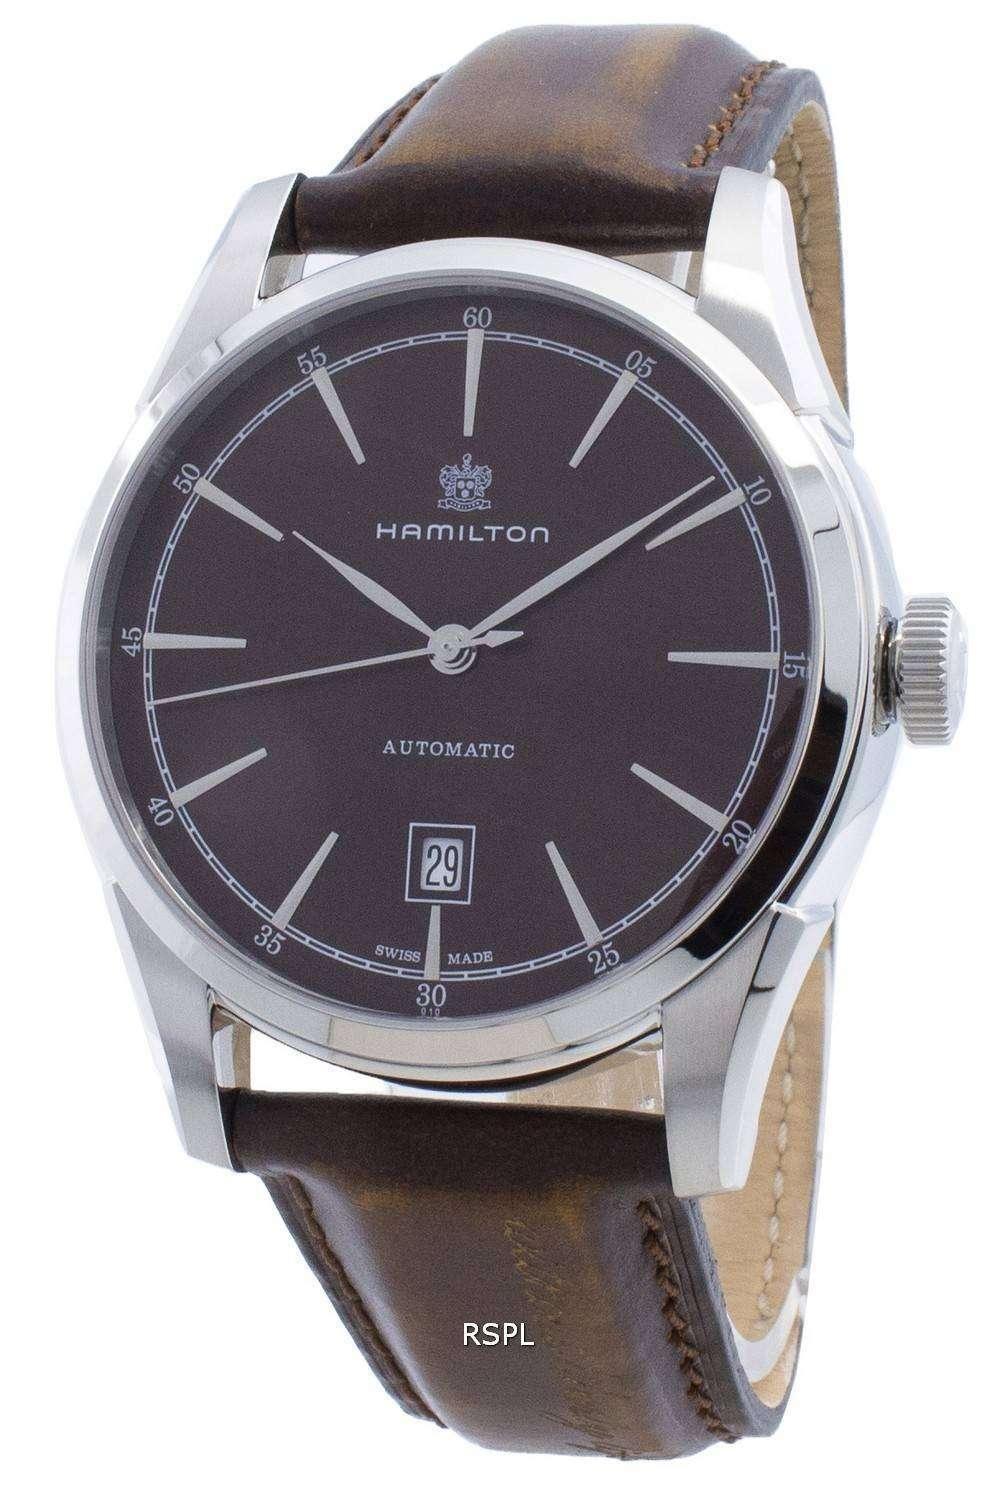 해밀턴 정신의 자유 H42415501 파워 리저브 오토매틱 남성용 시계